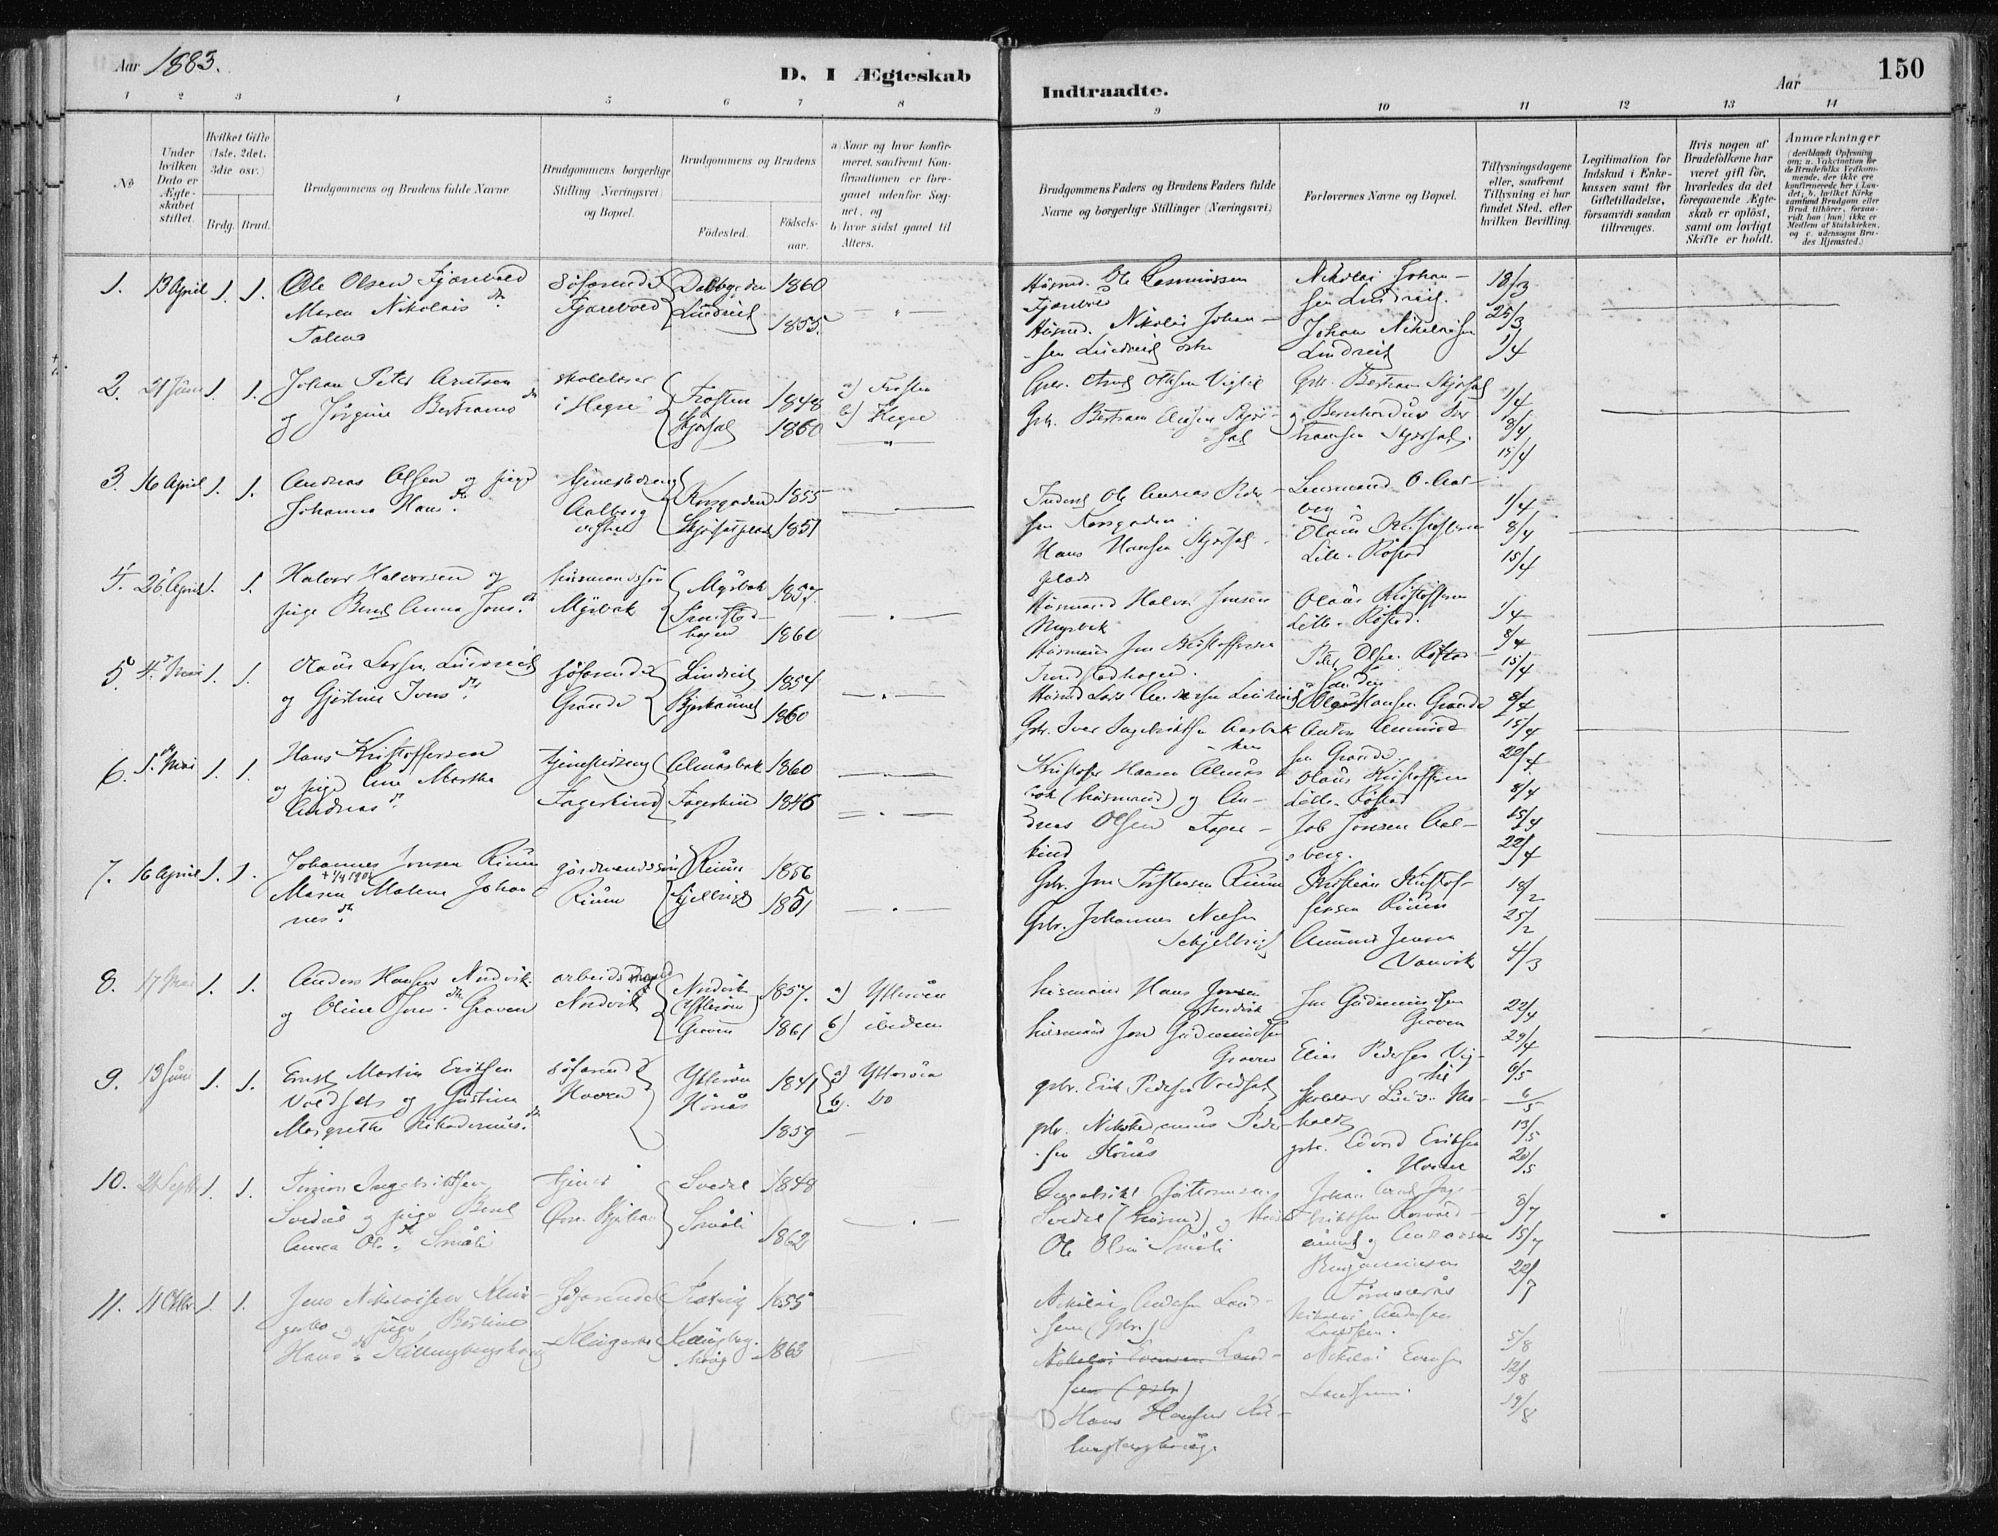 SAT, Ministerialprotokoller, klokkerbøker og fødselsregistre - Nord-Trøndelag, 701/L0010: Ministerialbok nr. 701A10, 1883-1899, s. 150